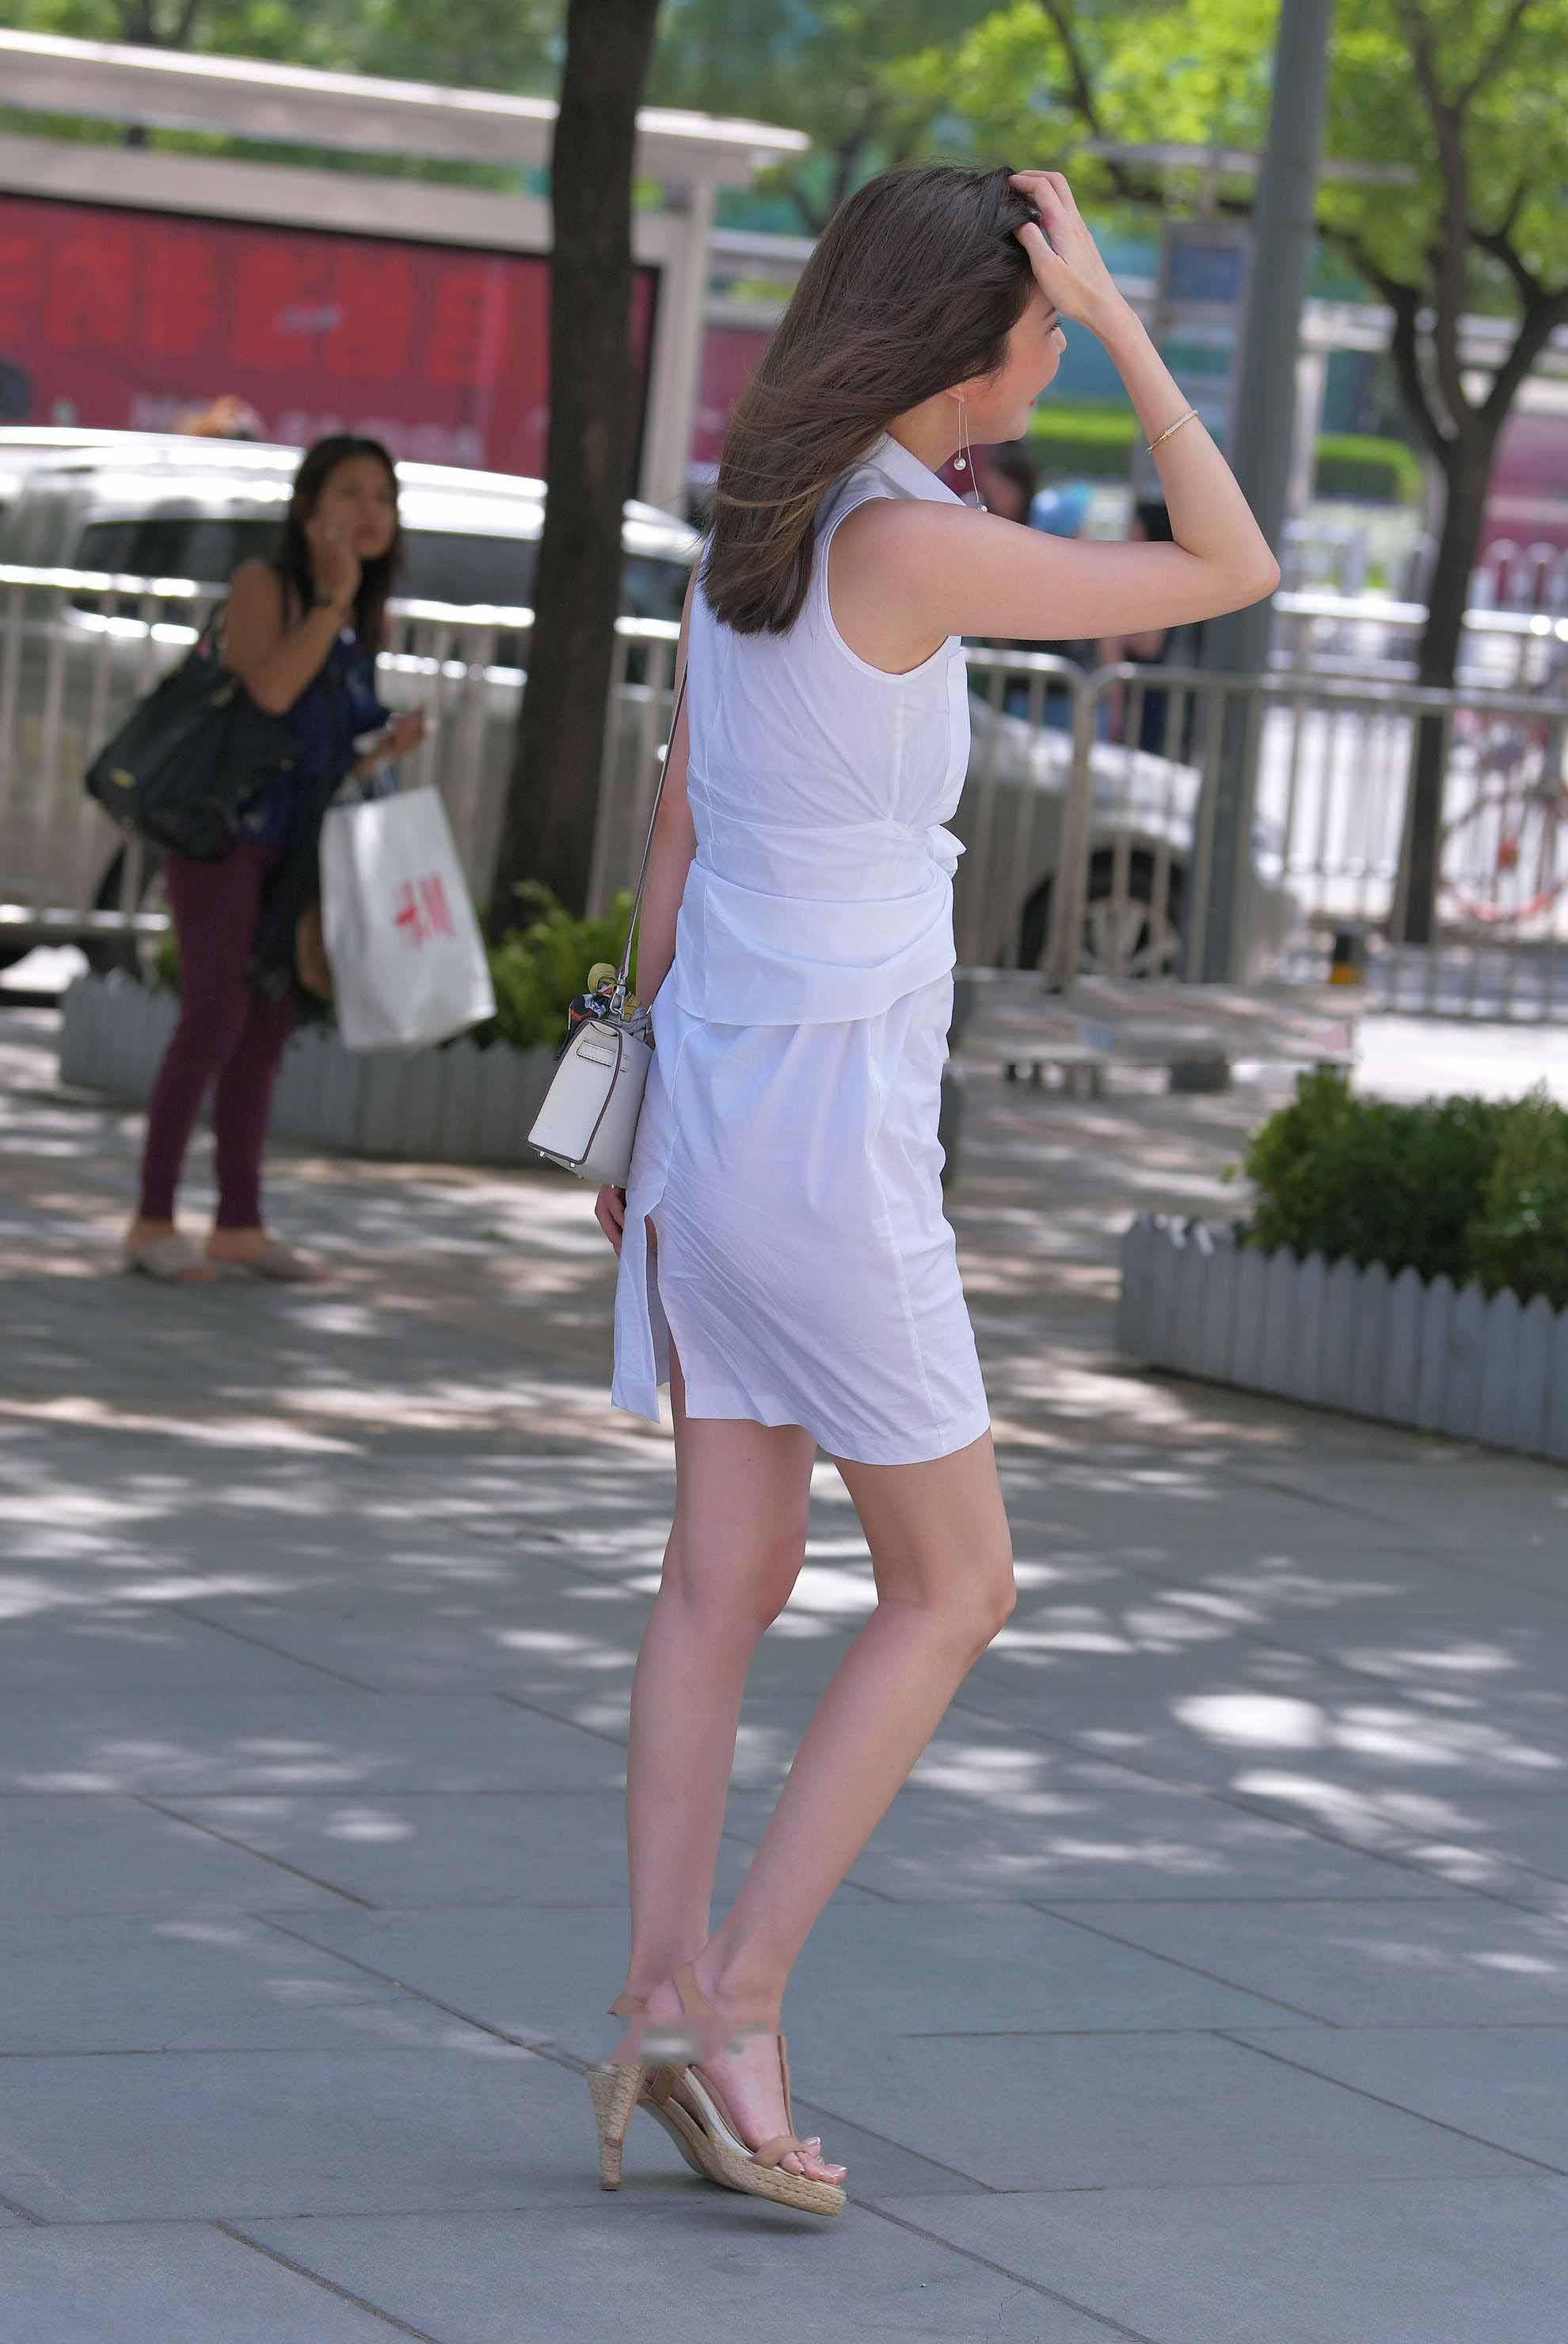 """Mê váy xẻ cao hiểm hóc, cô gái Bắc Kinh phải vừa đi vừa che giữa phố vì """"điểm chết người"""" - 3"""